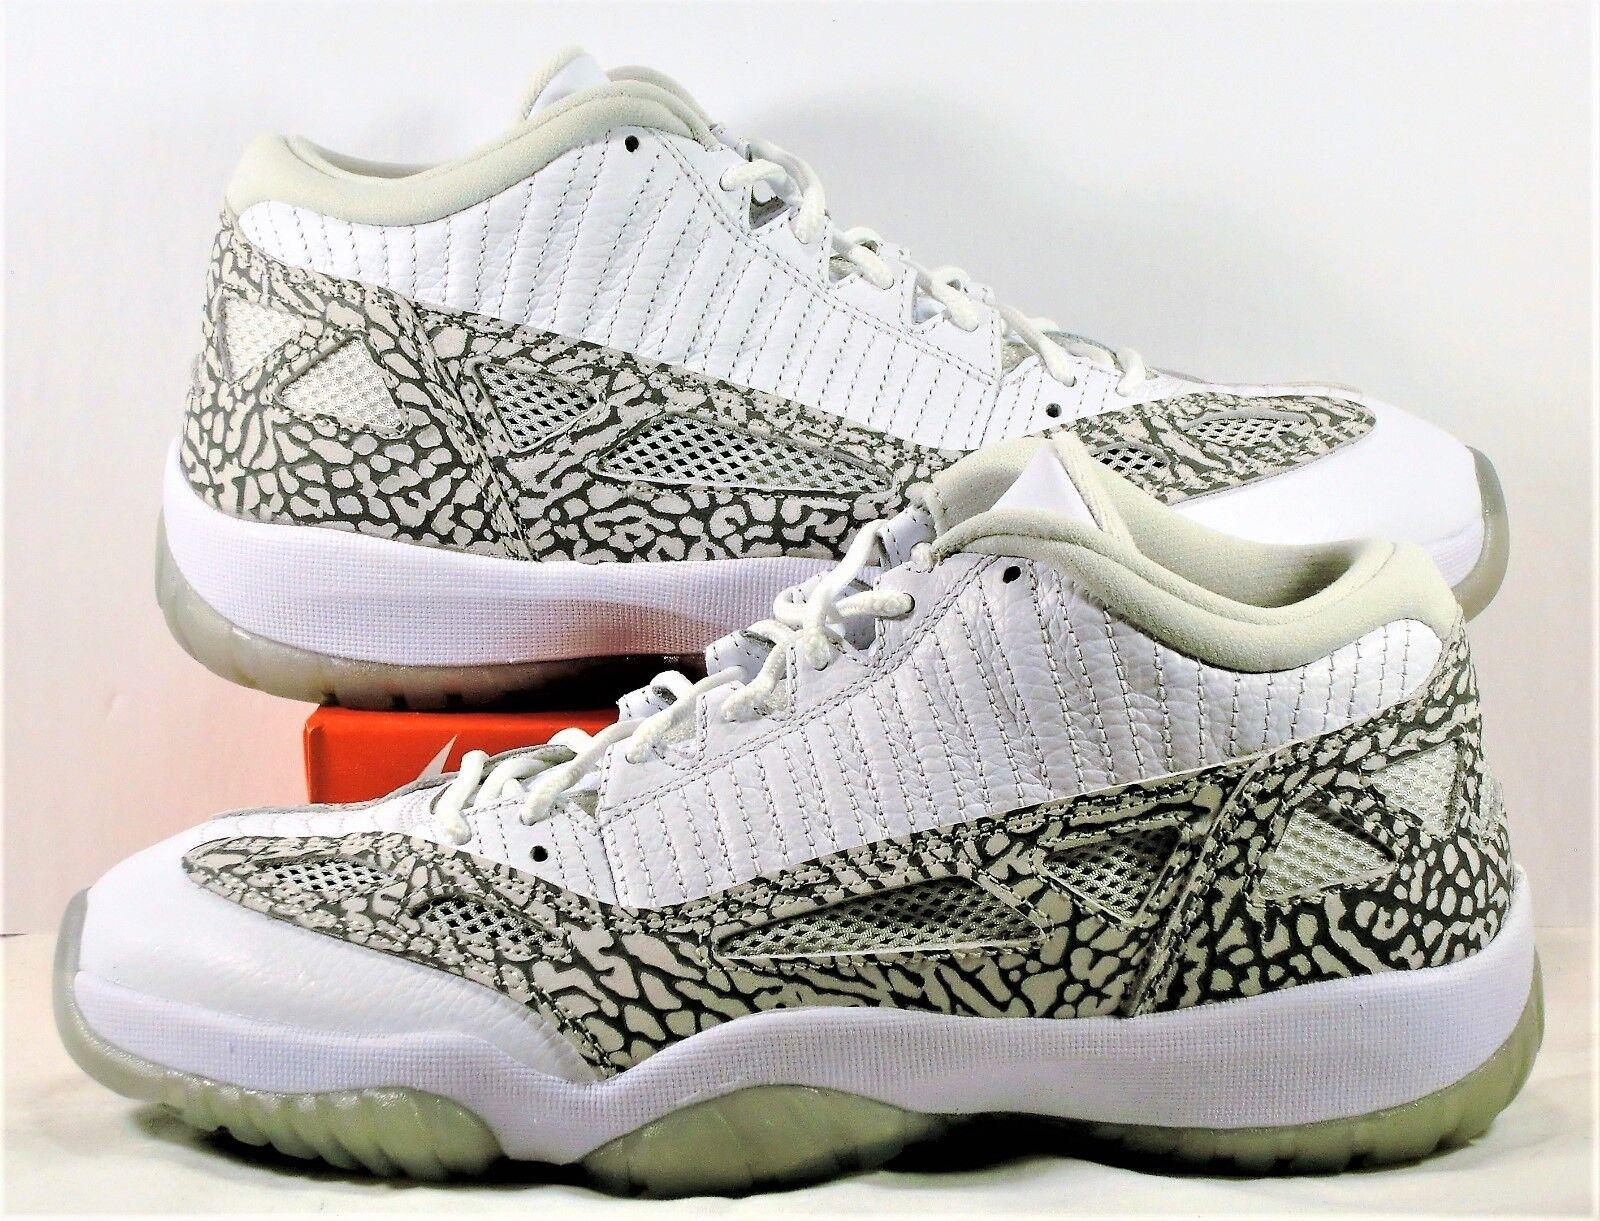 Nike Air Jordan Retro 11 XI Low White Cobalt & Zen Grey Sz 9.5 NEW 306008 102